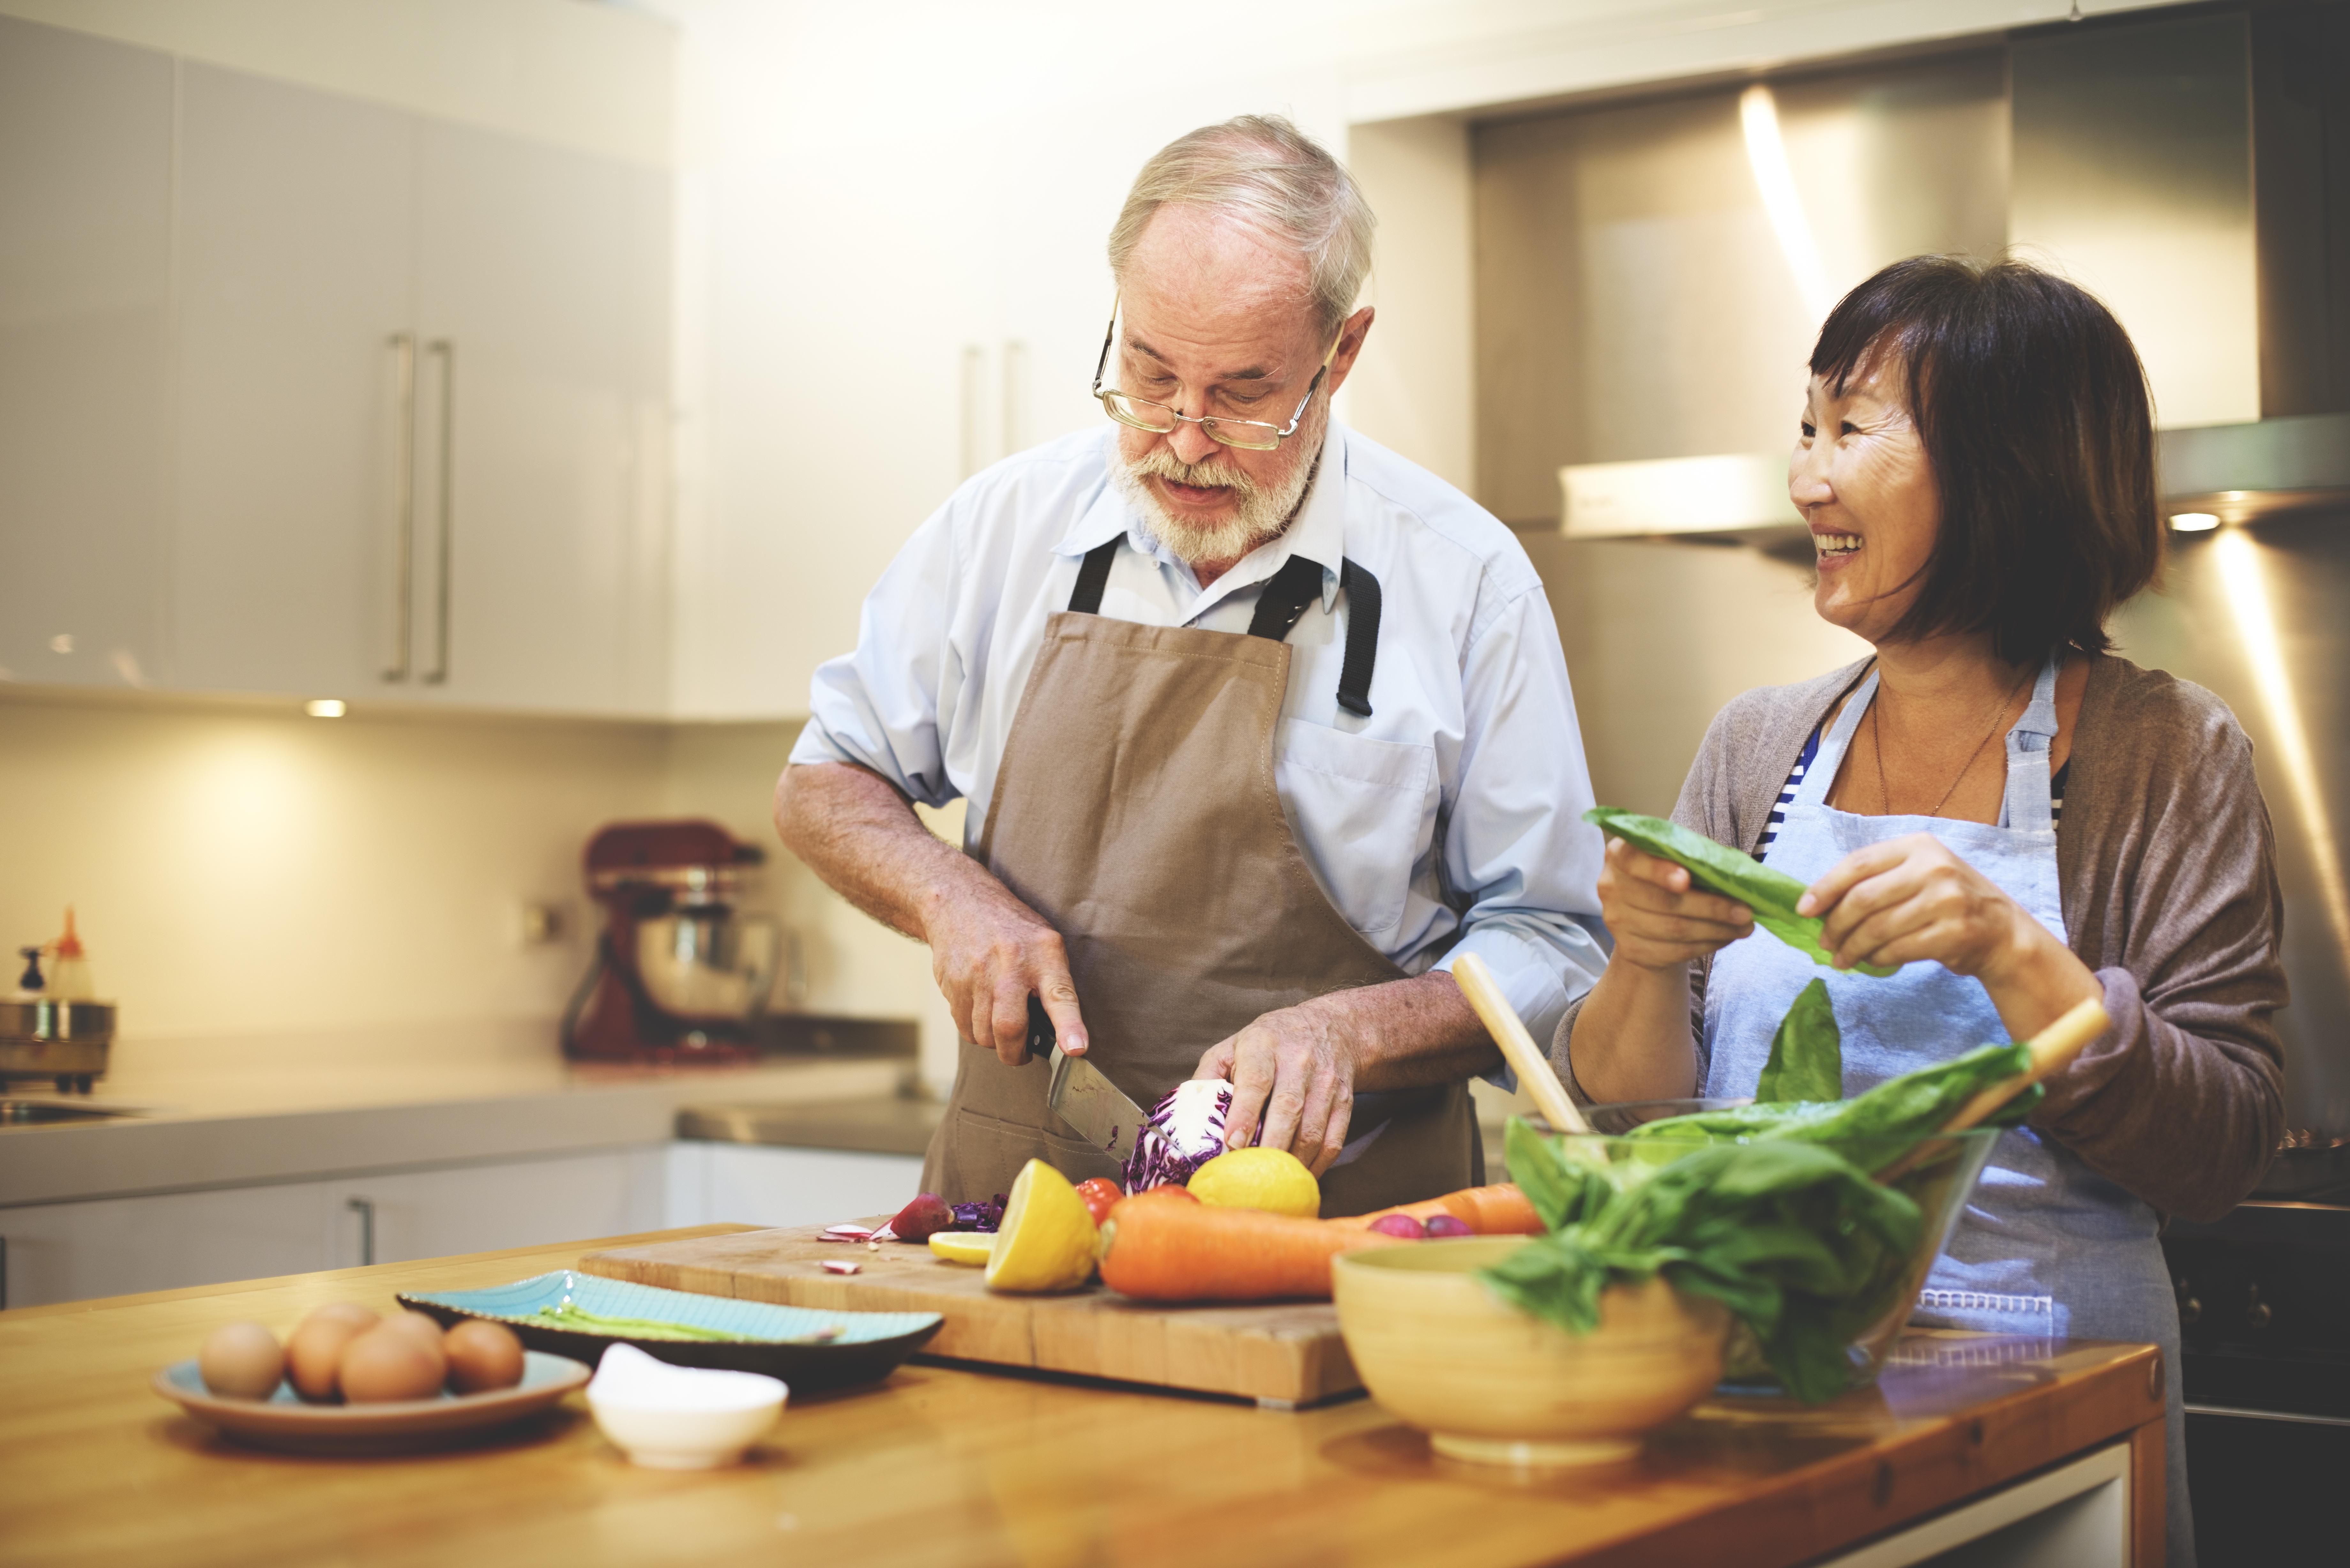 Att äta hälsosamt kan vara en bra strategi för den som vill bibehålla hjärnans förmågor även på äldre dagar.